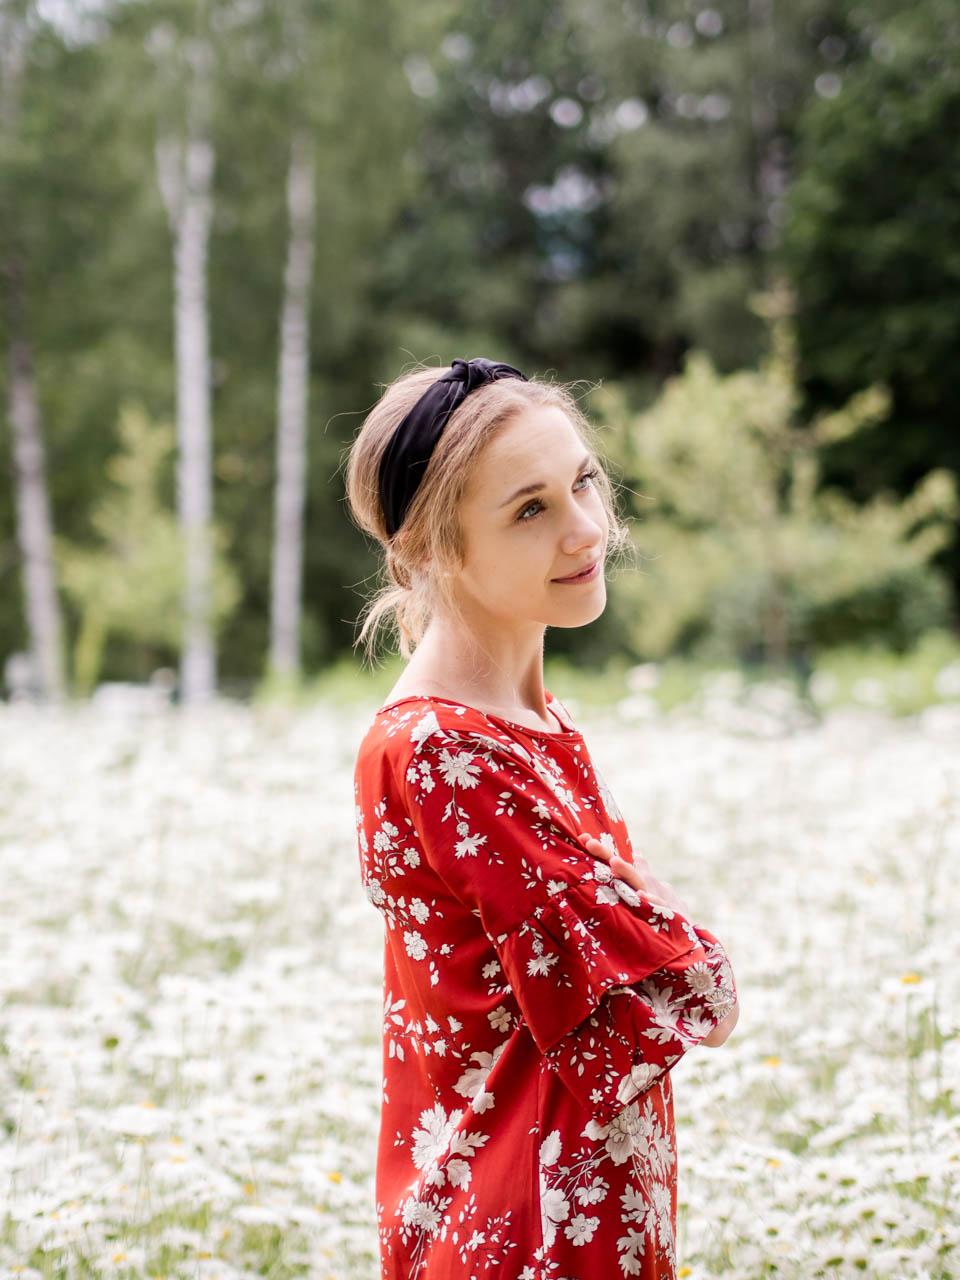 summer-fashion-inspiration-red-dress-style-blogger-muoti-kesä-mekko-bloggaaja